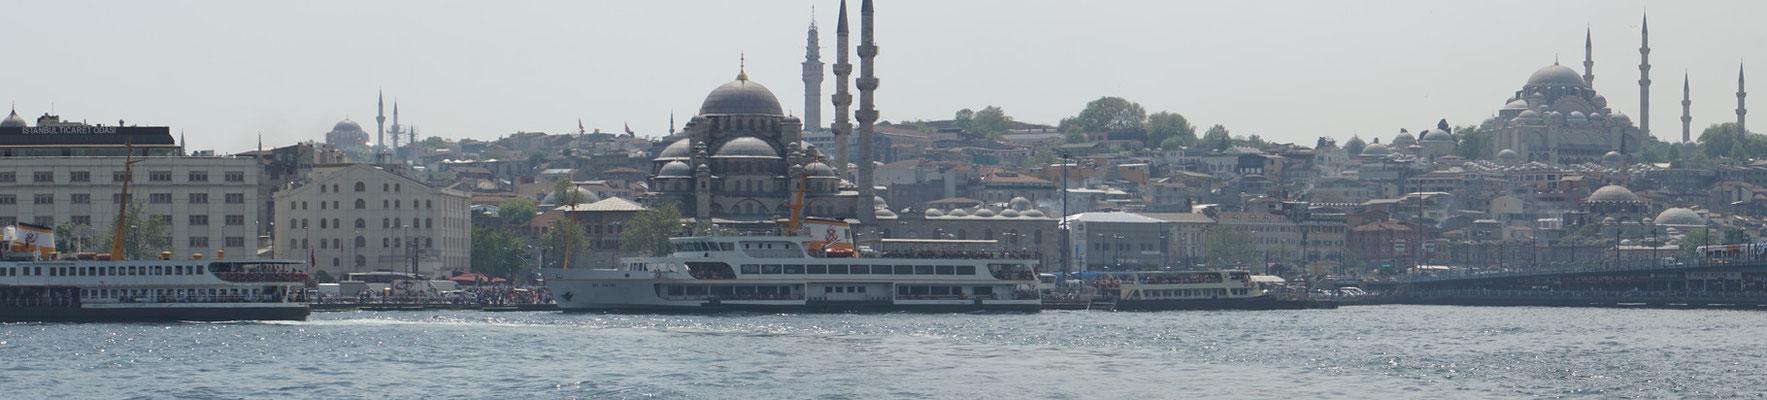 Karaköy, da wo die Schiffe für die Bosphorusrundfahrt an- und ablegen...